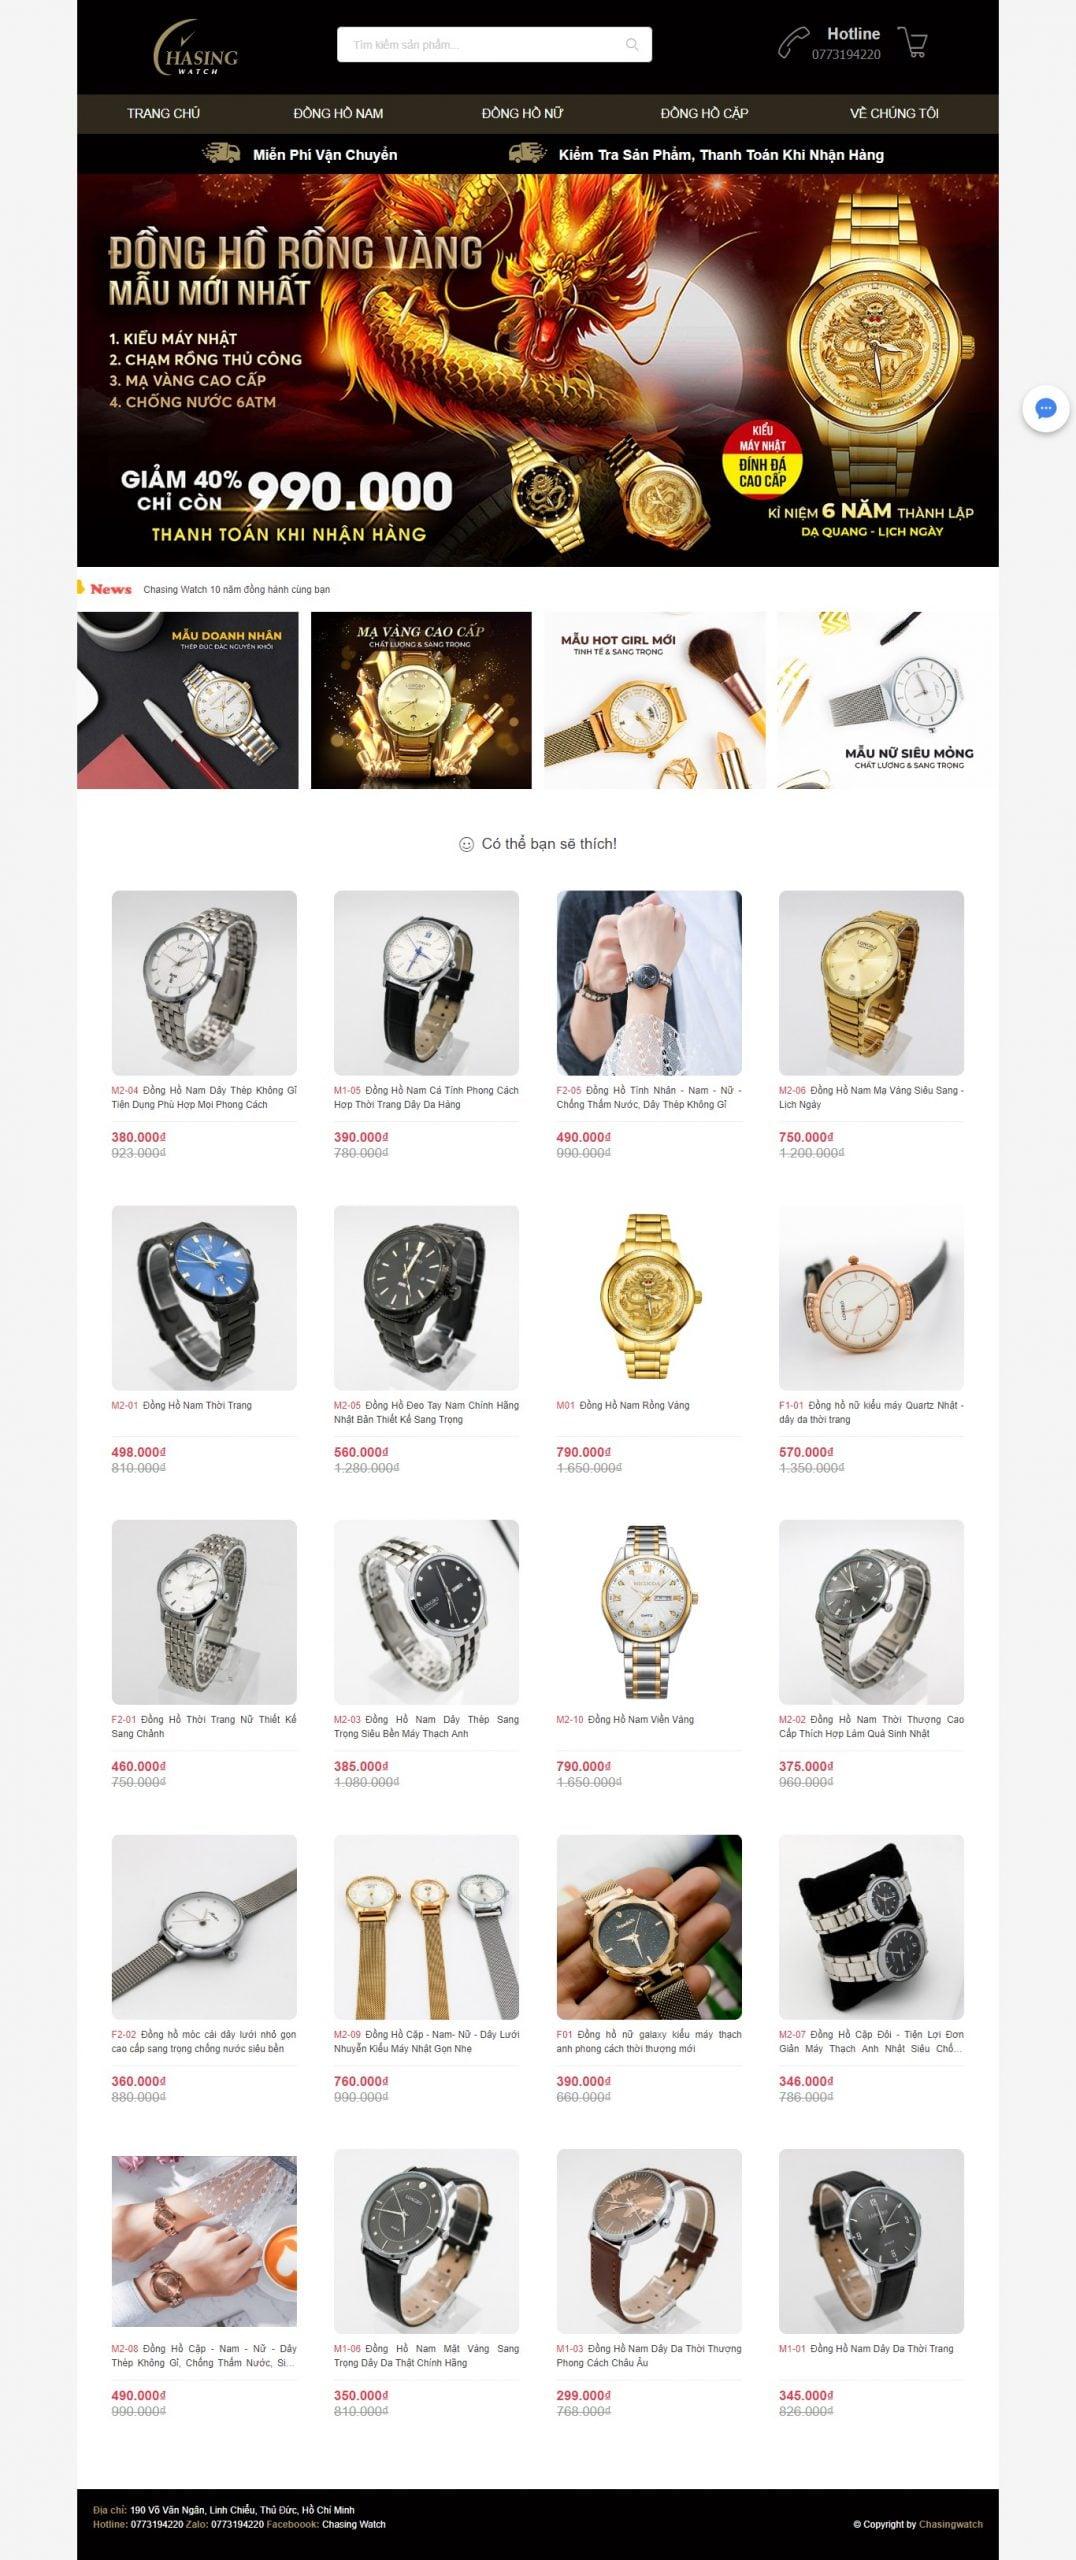 Mẫu thiết kế website bán hàng – chasingwatch.com Chasing Watch